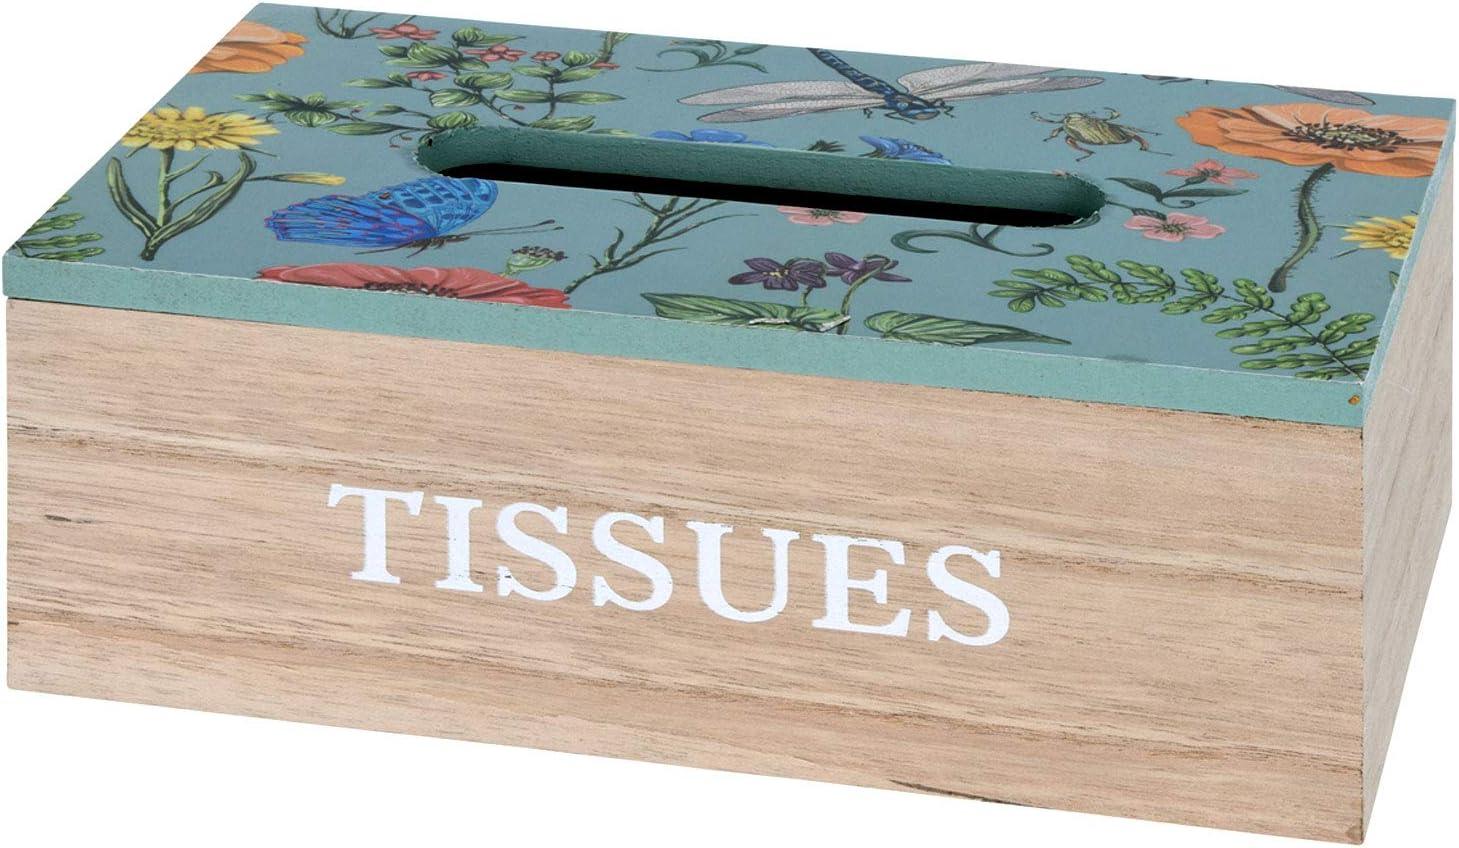 Farbe:T/ürkis Kosmetikt/ücherbox mit Klappdeckel 24x13x9cm Holz 2 Farben Tissue Box Taschentuchbox Aufbewahrungskiste Aufbewahrungsbox